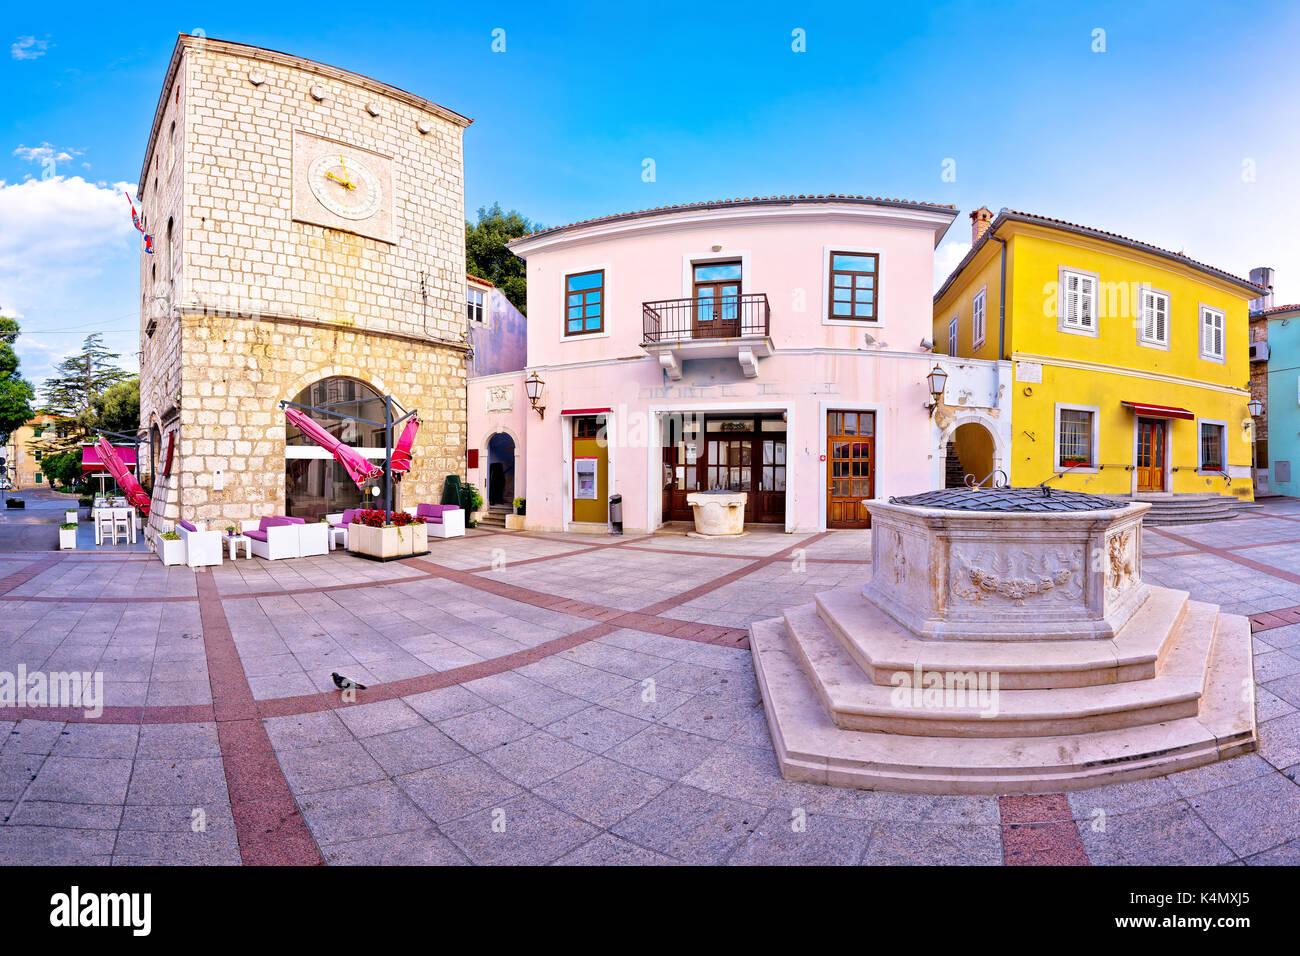 Town of Krk historic main square panoramic view, Kvarner region of Croatia Stock Photo